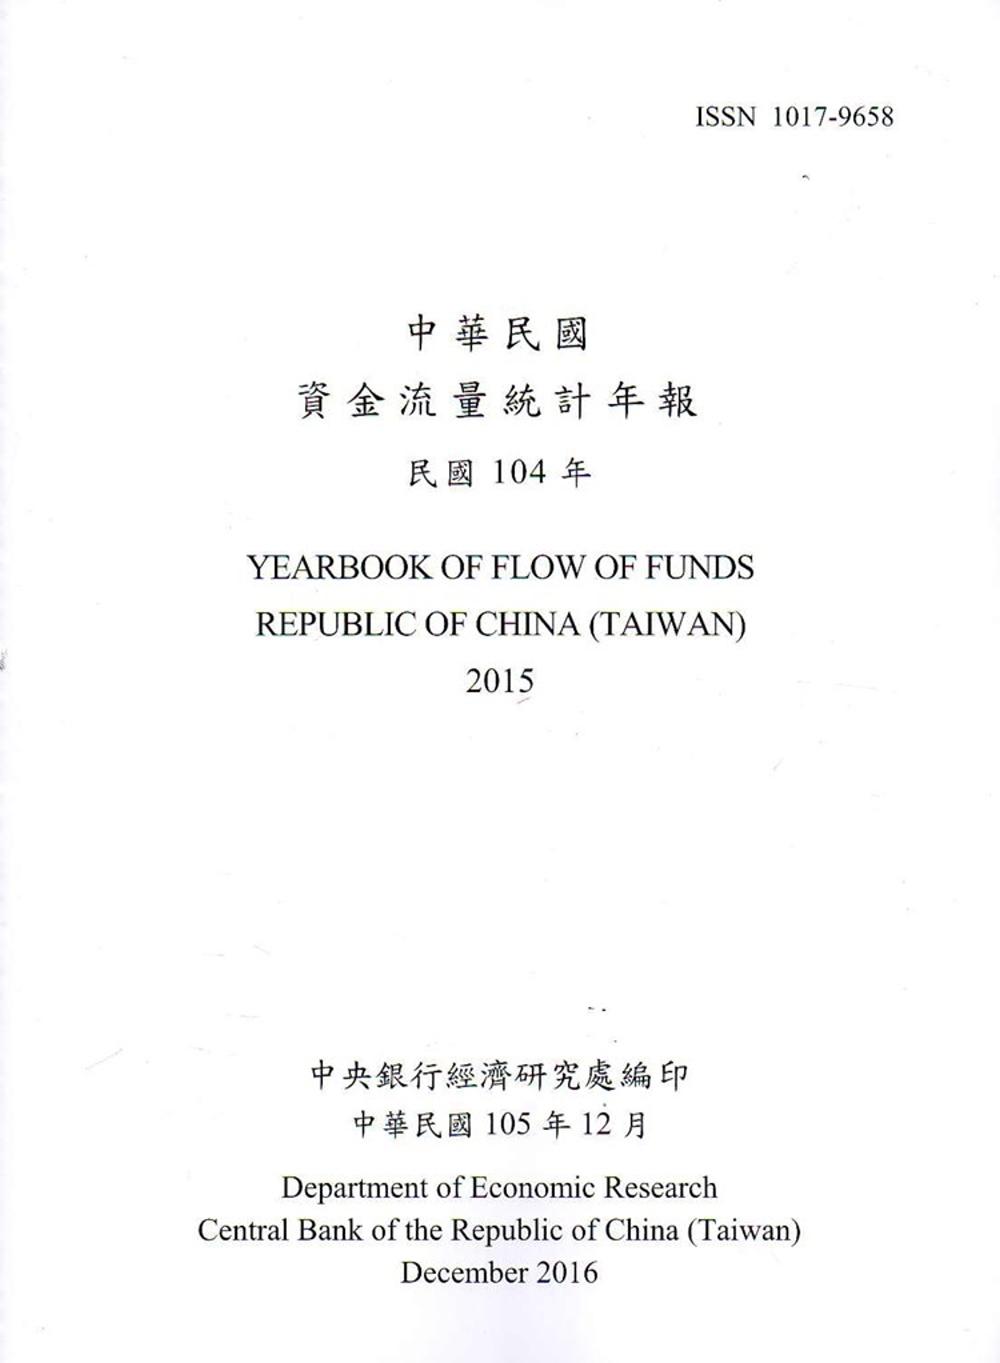 中華民國資金流量統計年報105年12月(民國104年)